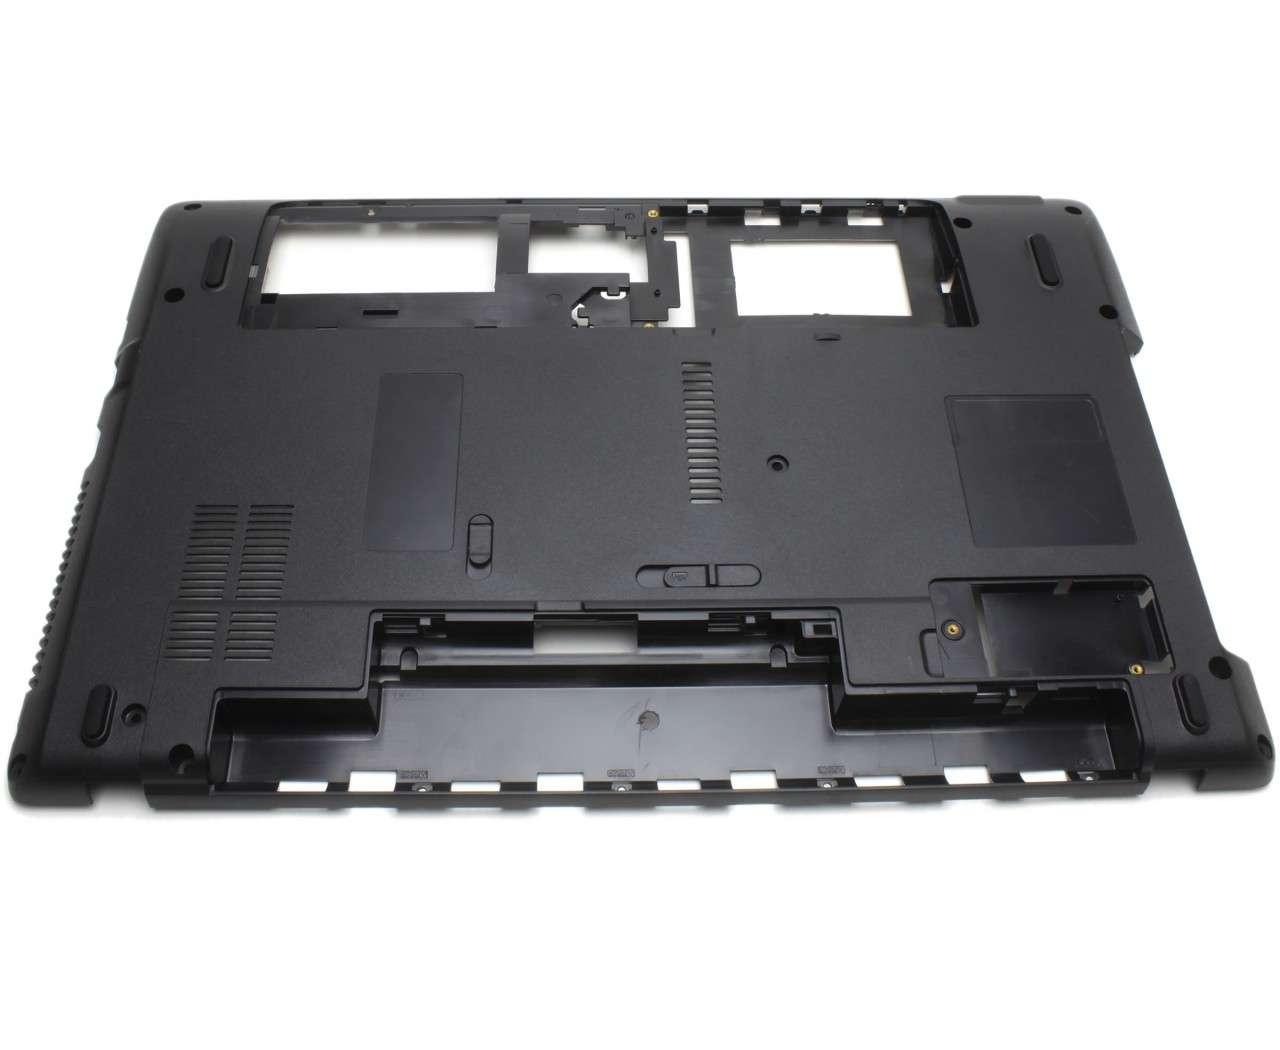 Bottom Case Emachines E729Z Carcasa Inferioara cu codul AP0FO0007000 imagine powerlaptop.ro 2021